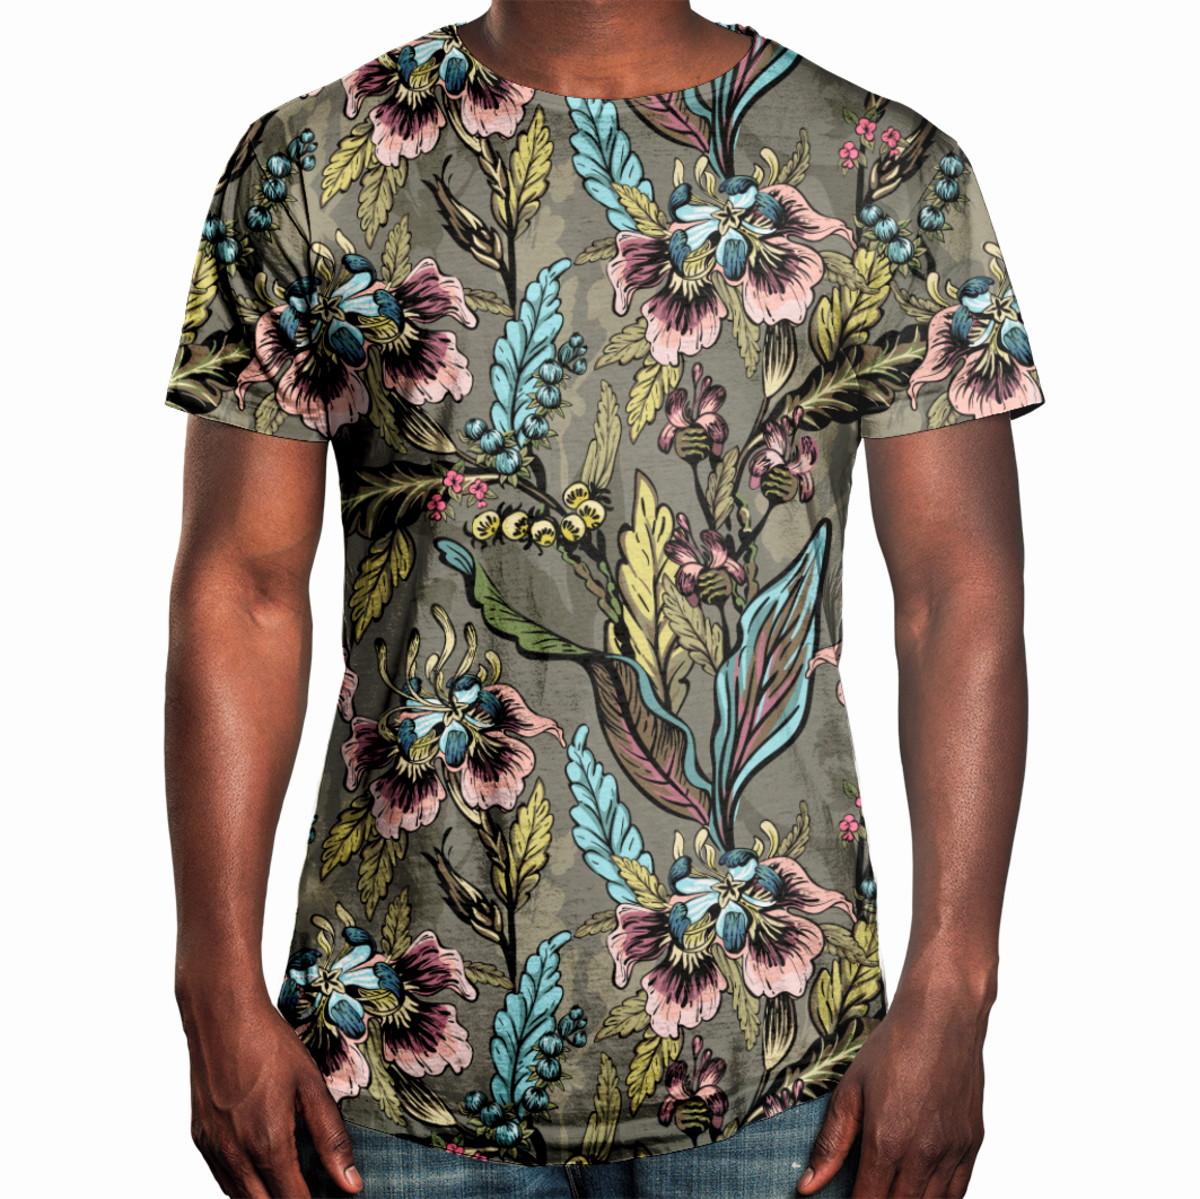 47c326a45 Camiseta Masculina Longline Swag Flores E Folhas no Elo7